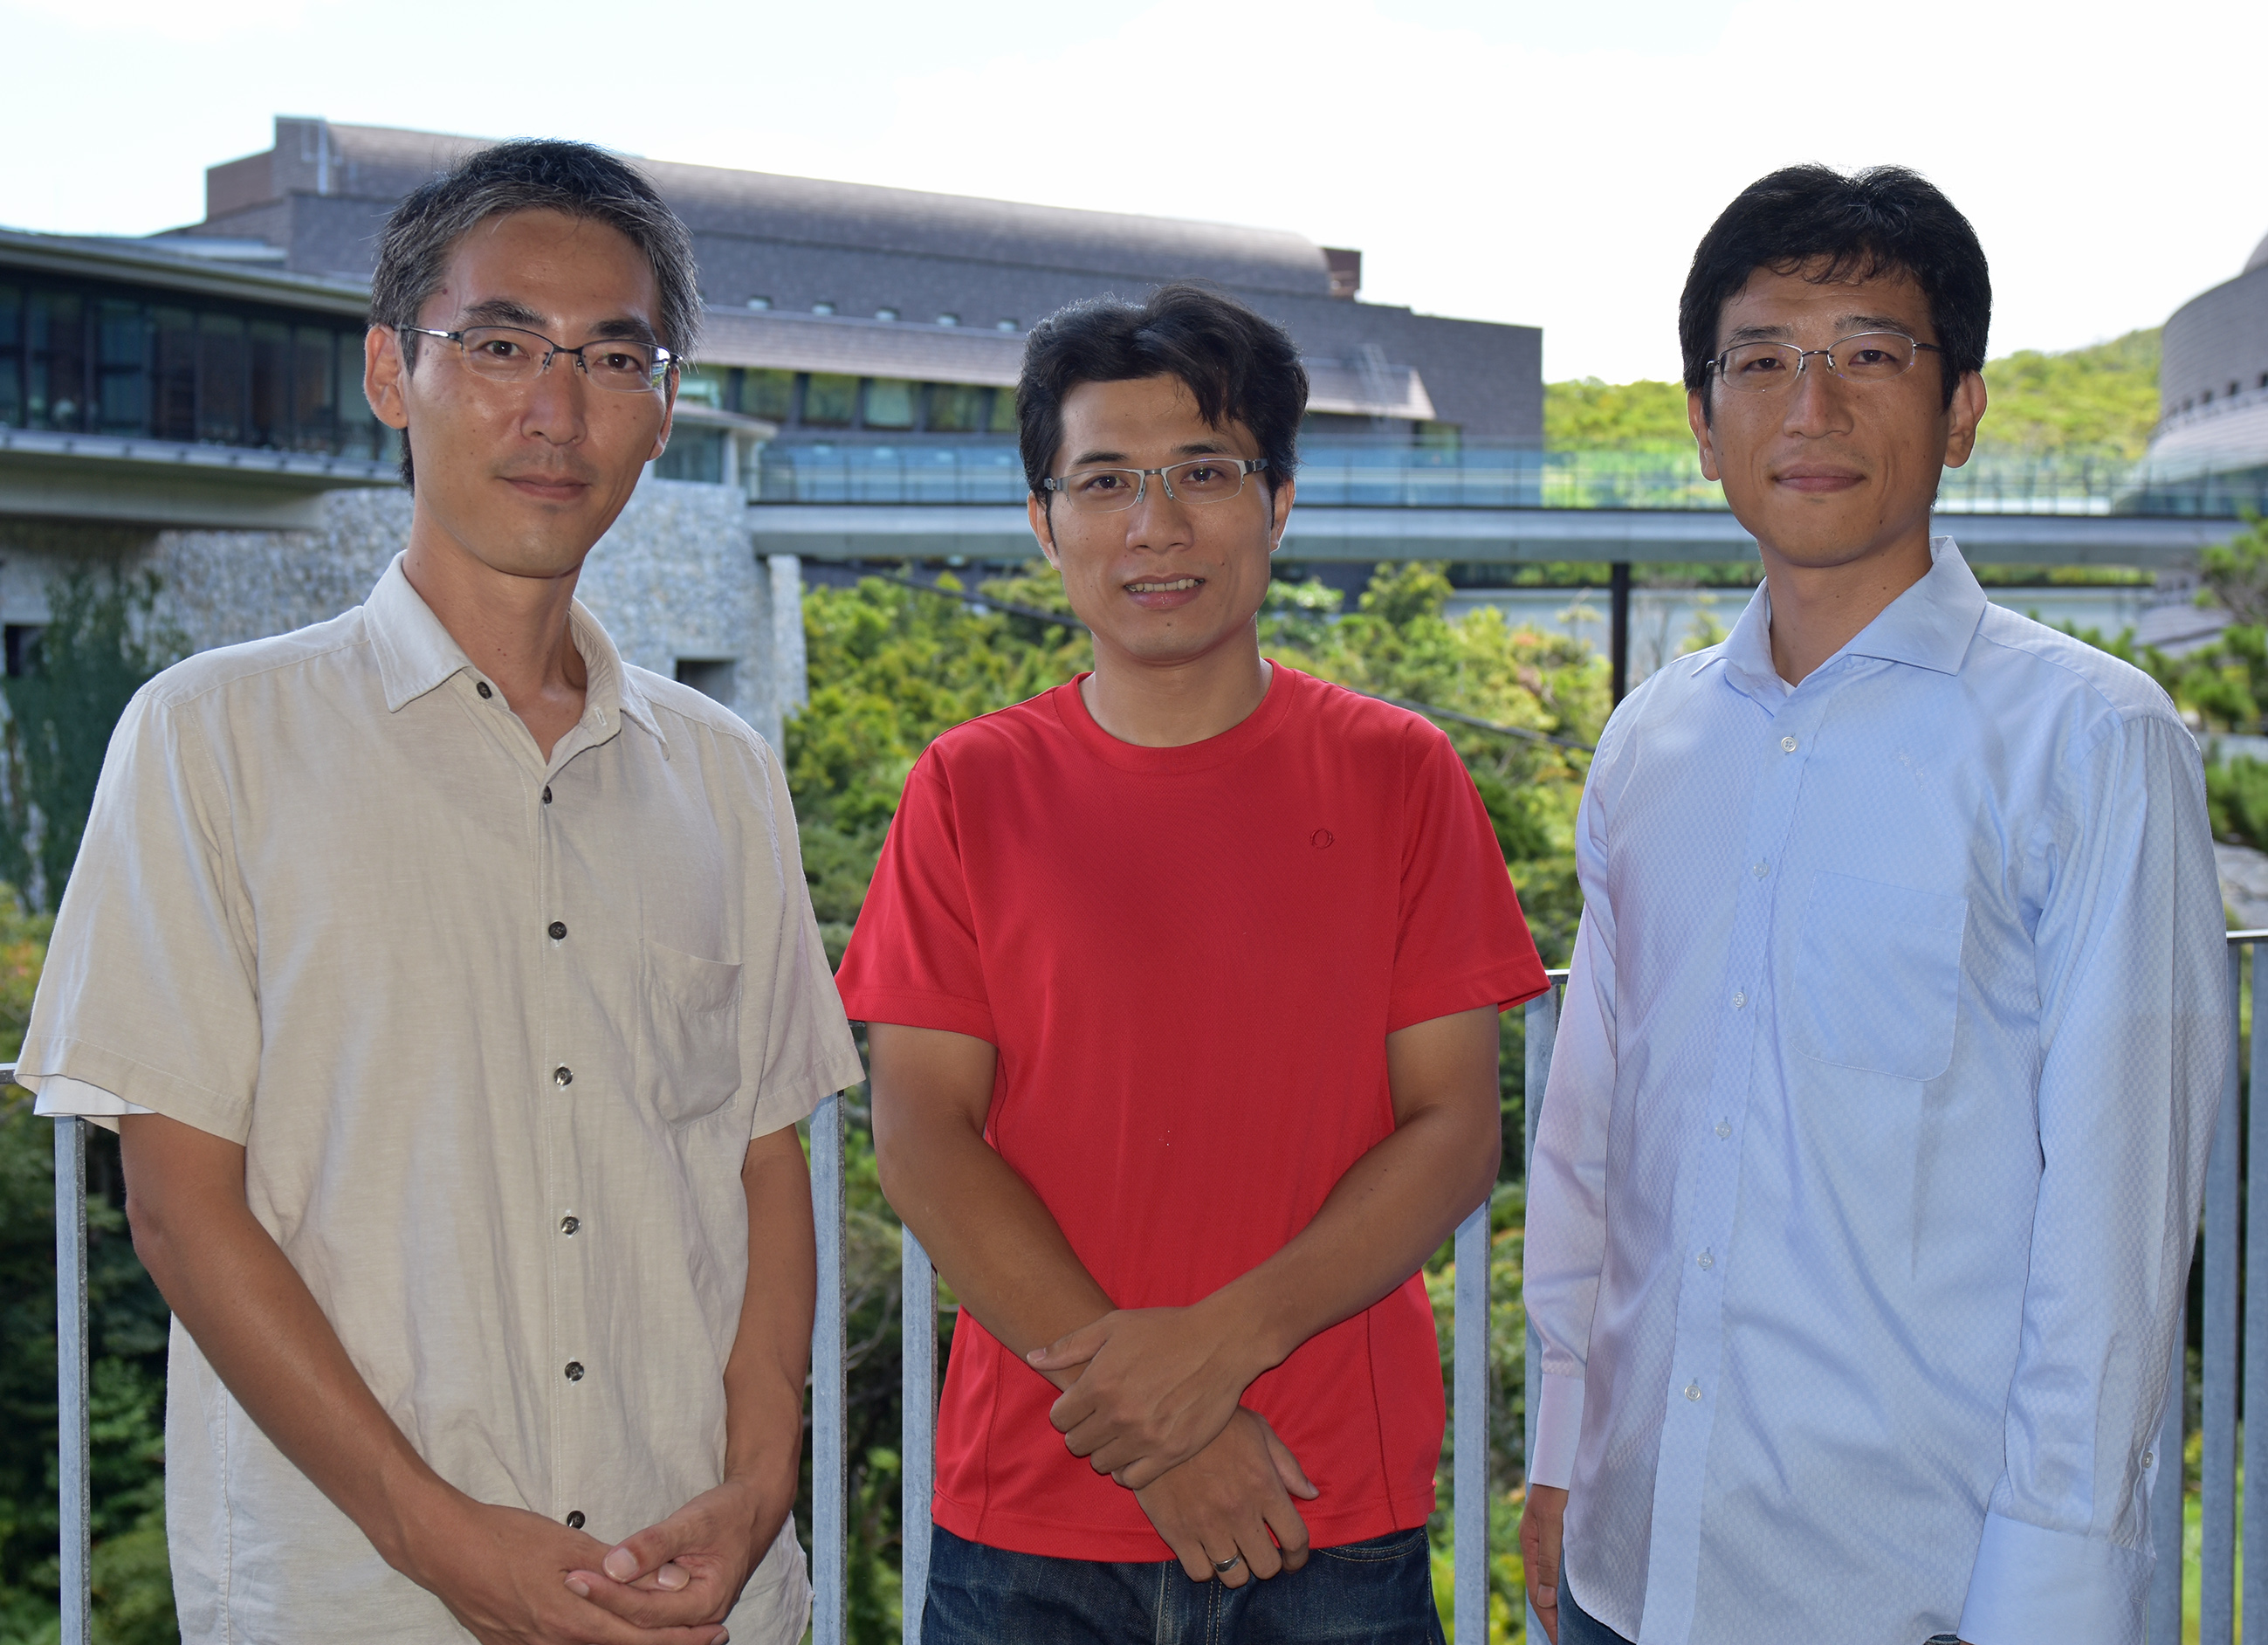 (左から)統合オープンシステムユニットの神吉 恭太氏、クンイー・シーン博士、浅井 義之博士